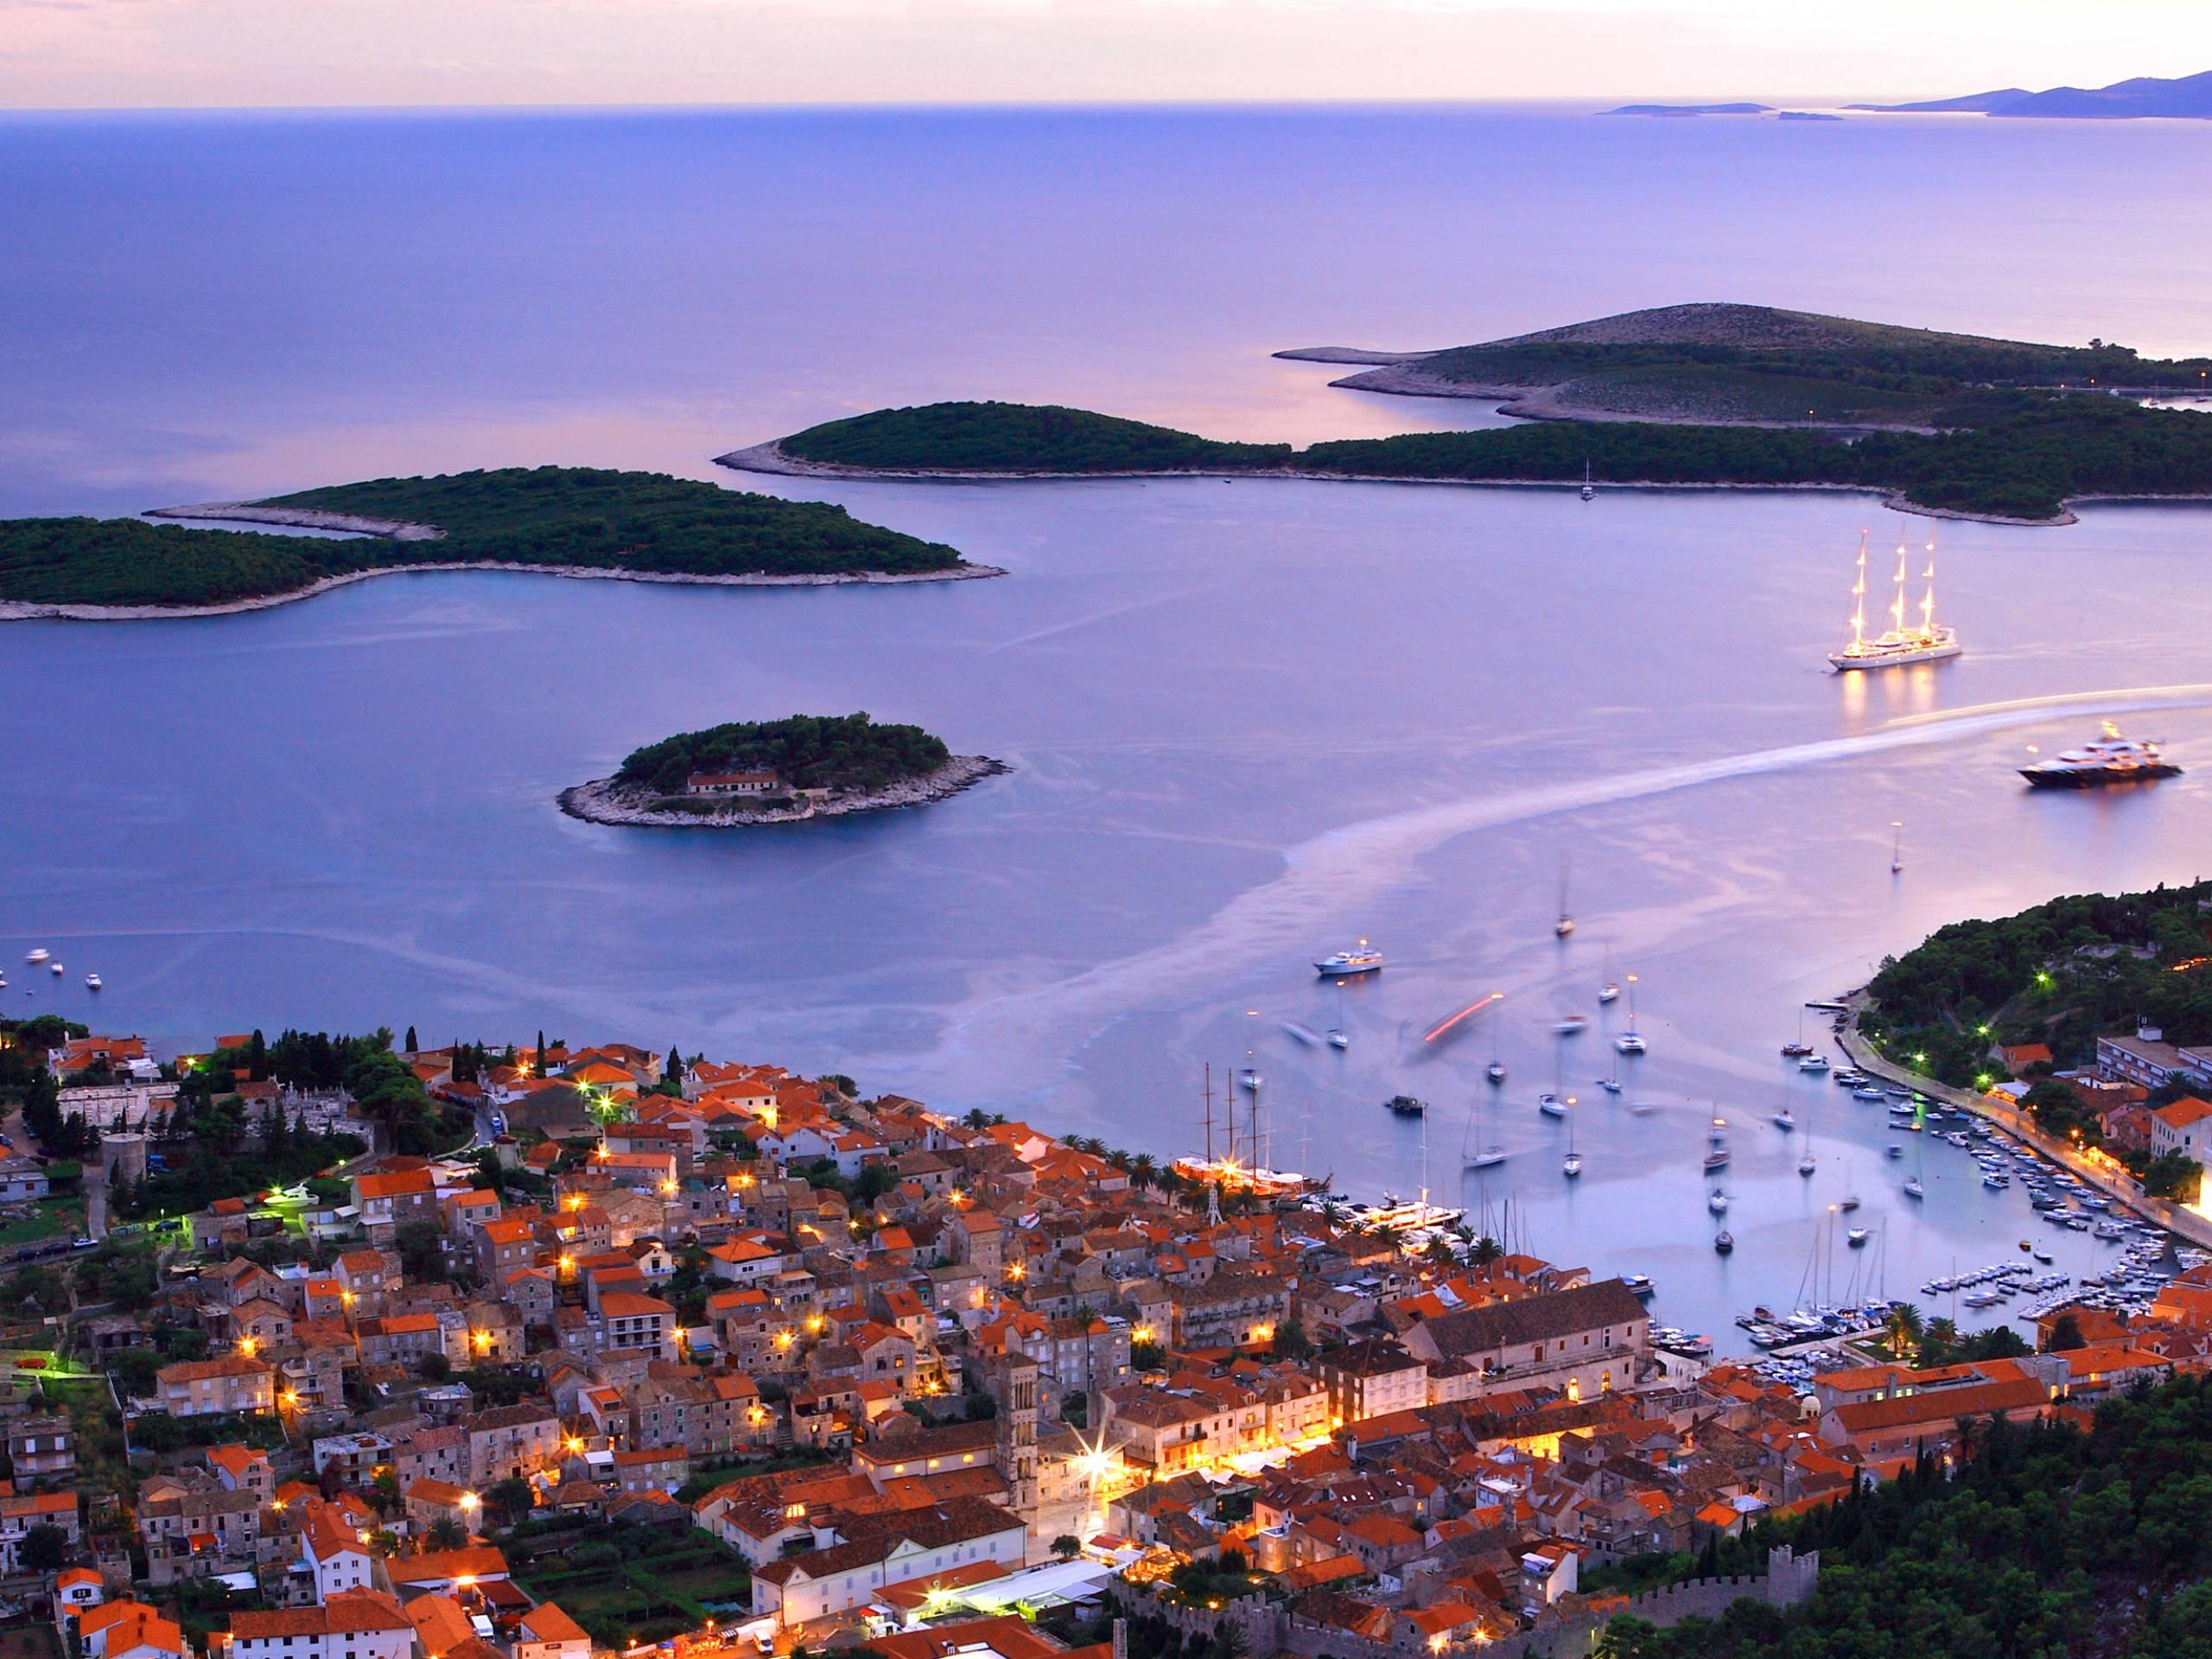 Chorwacja kwatery wyspa korcula hotel posejdon ustka atrakcje